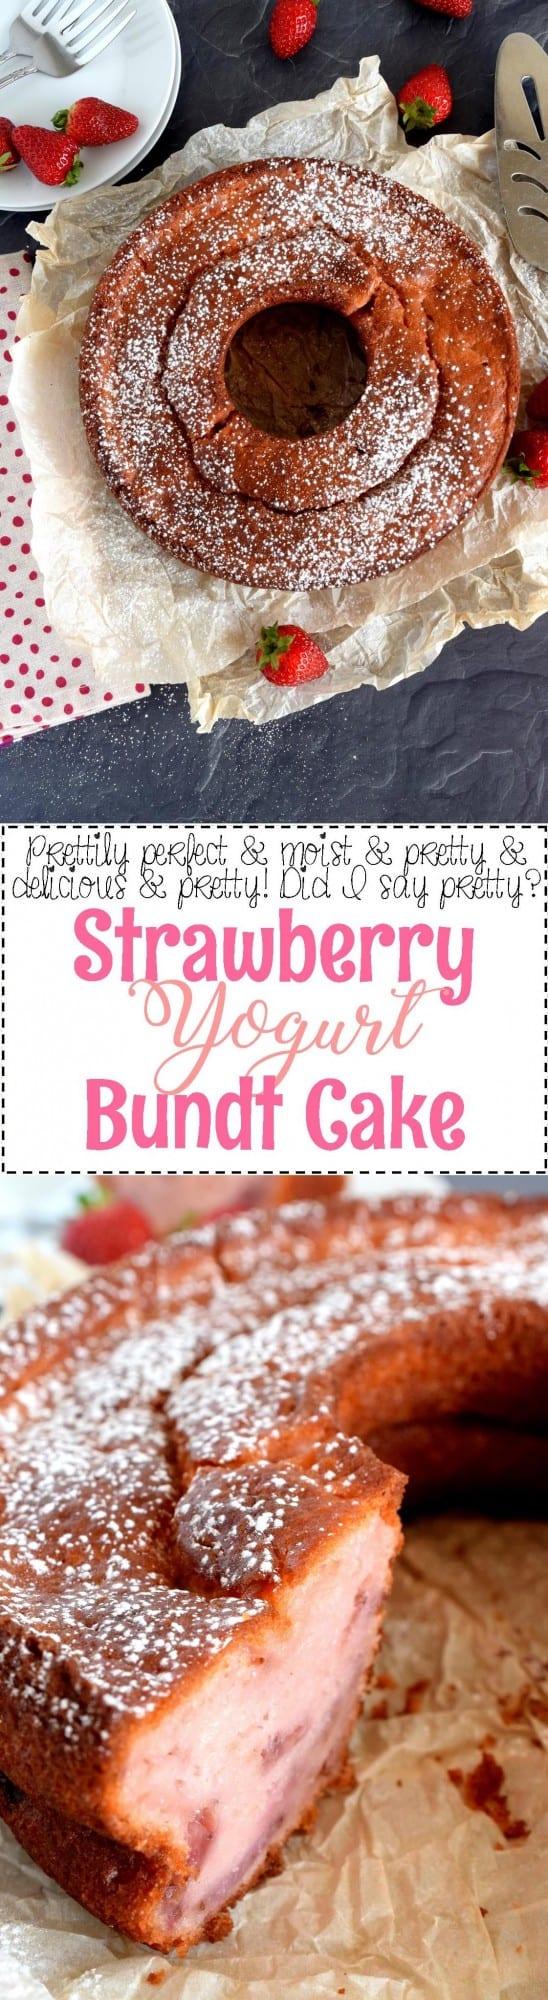 Pinterest Strawberry Yogurt Bundt Cake